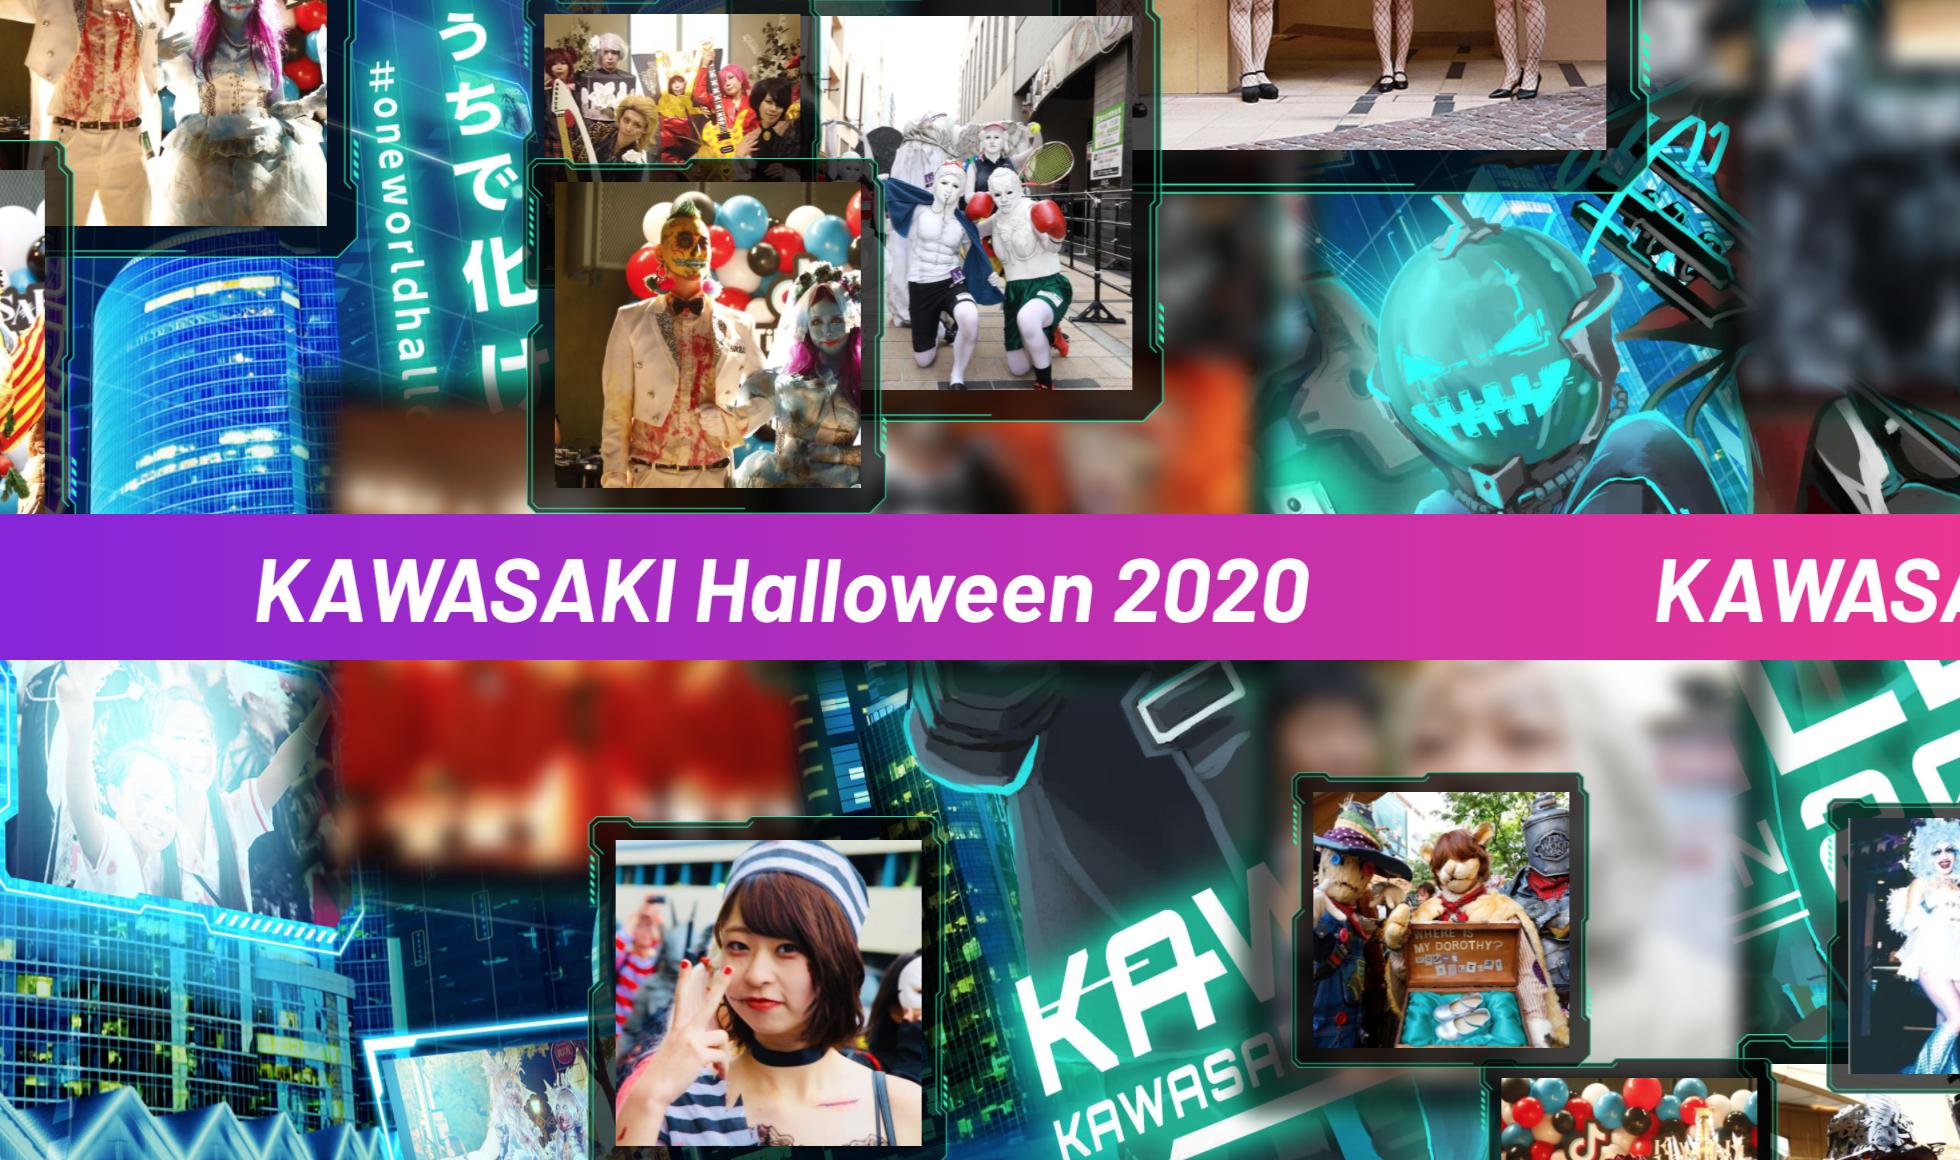 Kawasaki Halloween